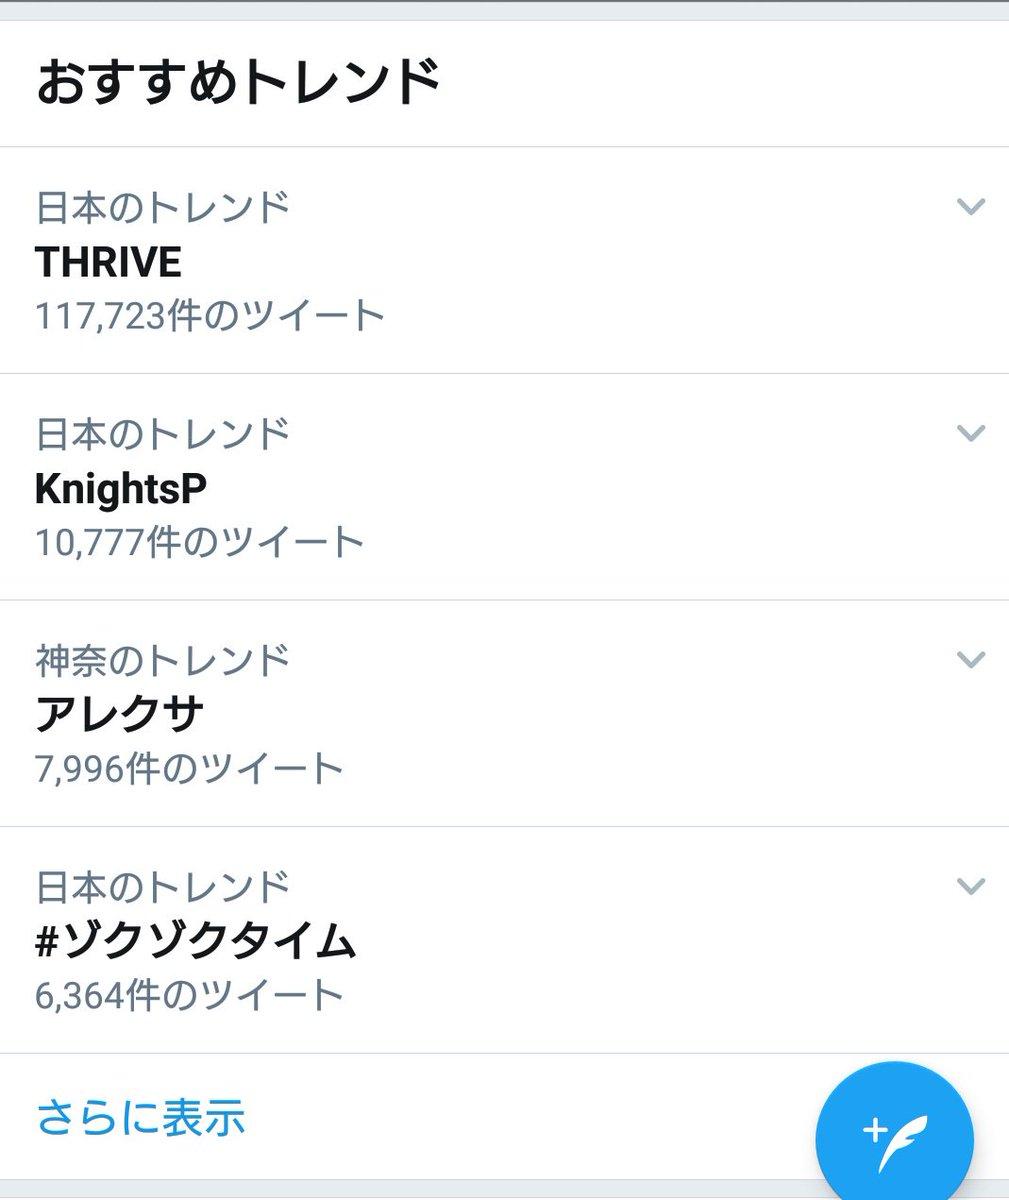 ☆涙っぷ☆'s photo on THRIVE